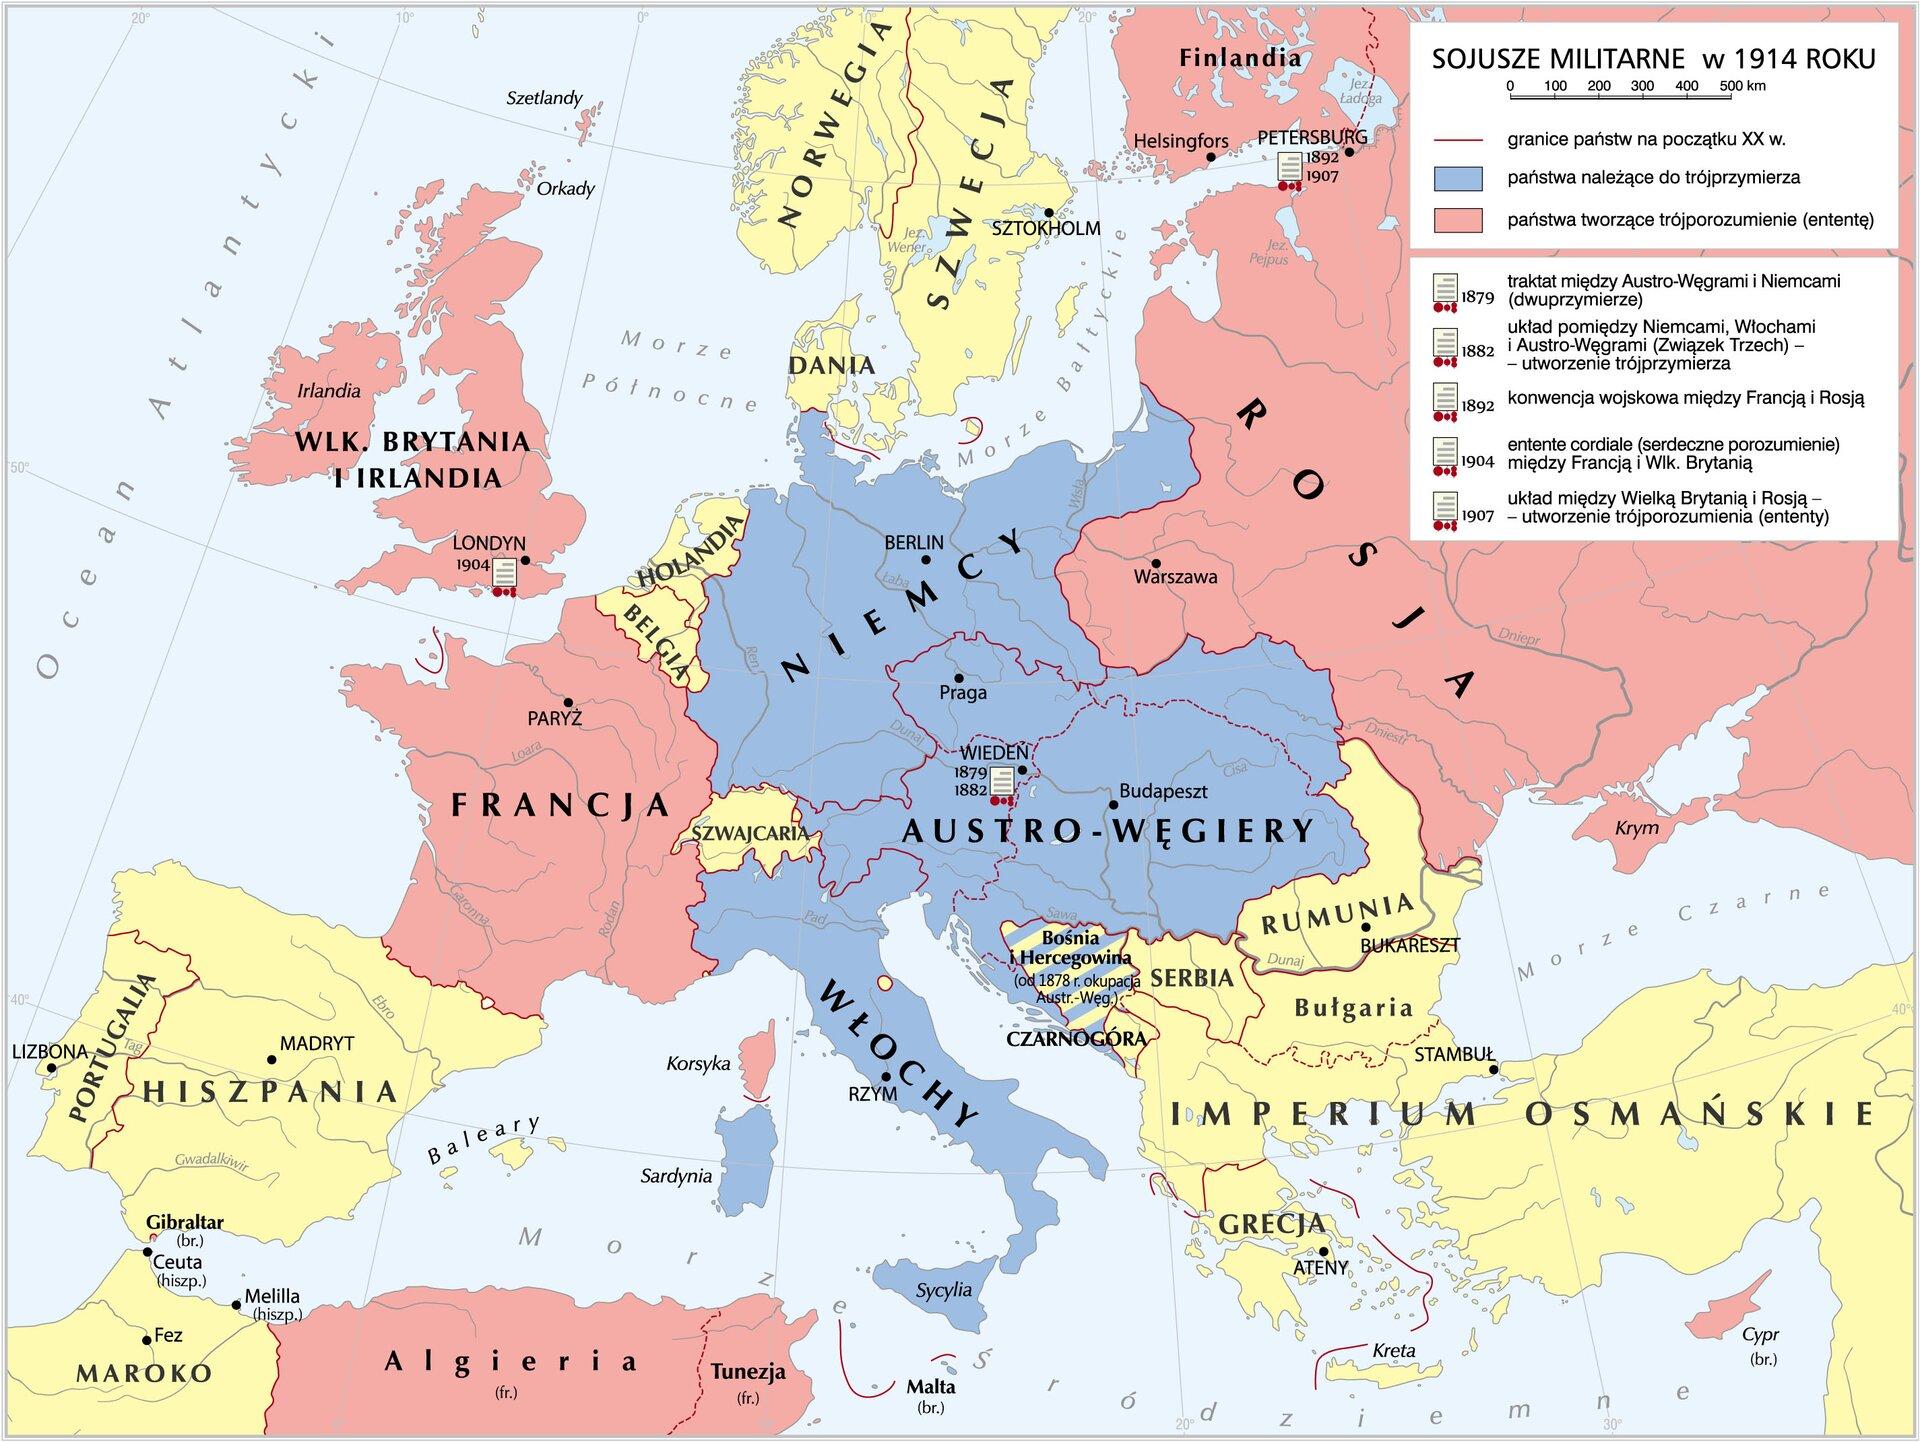 Sojusze militarne w1914 roku Źródło: Krystian Chariza izespół, Sojusze militarne w1914 roku, Krystian Chariza izespół.